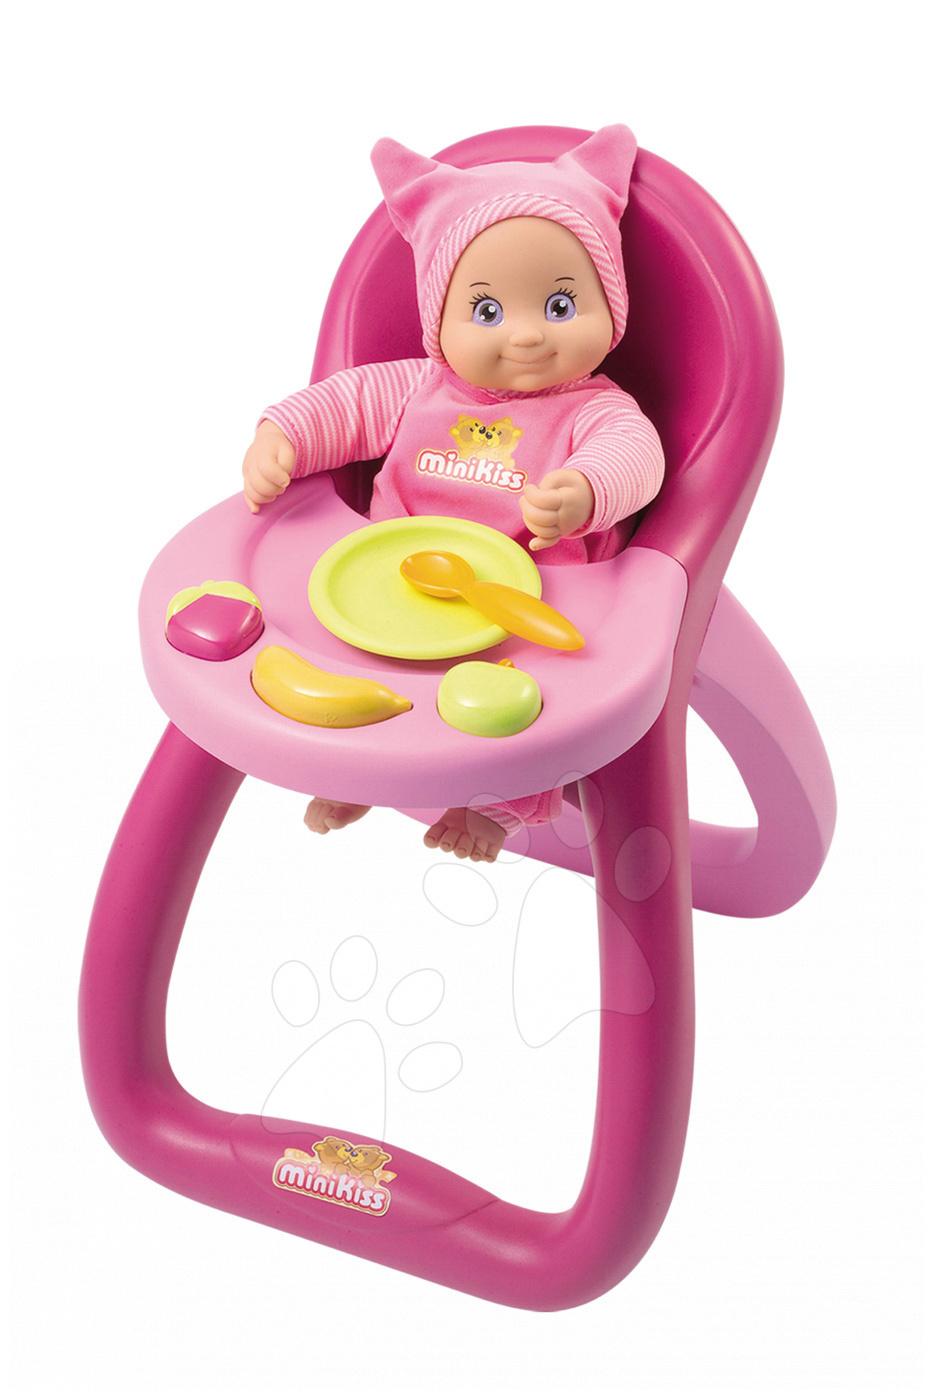 Židličky pro panenky - Jídelní židle MiniKiss Baby Smoby pro 27 cm panenku s potravinami od 12 měsíců